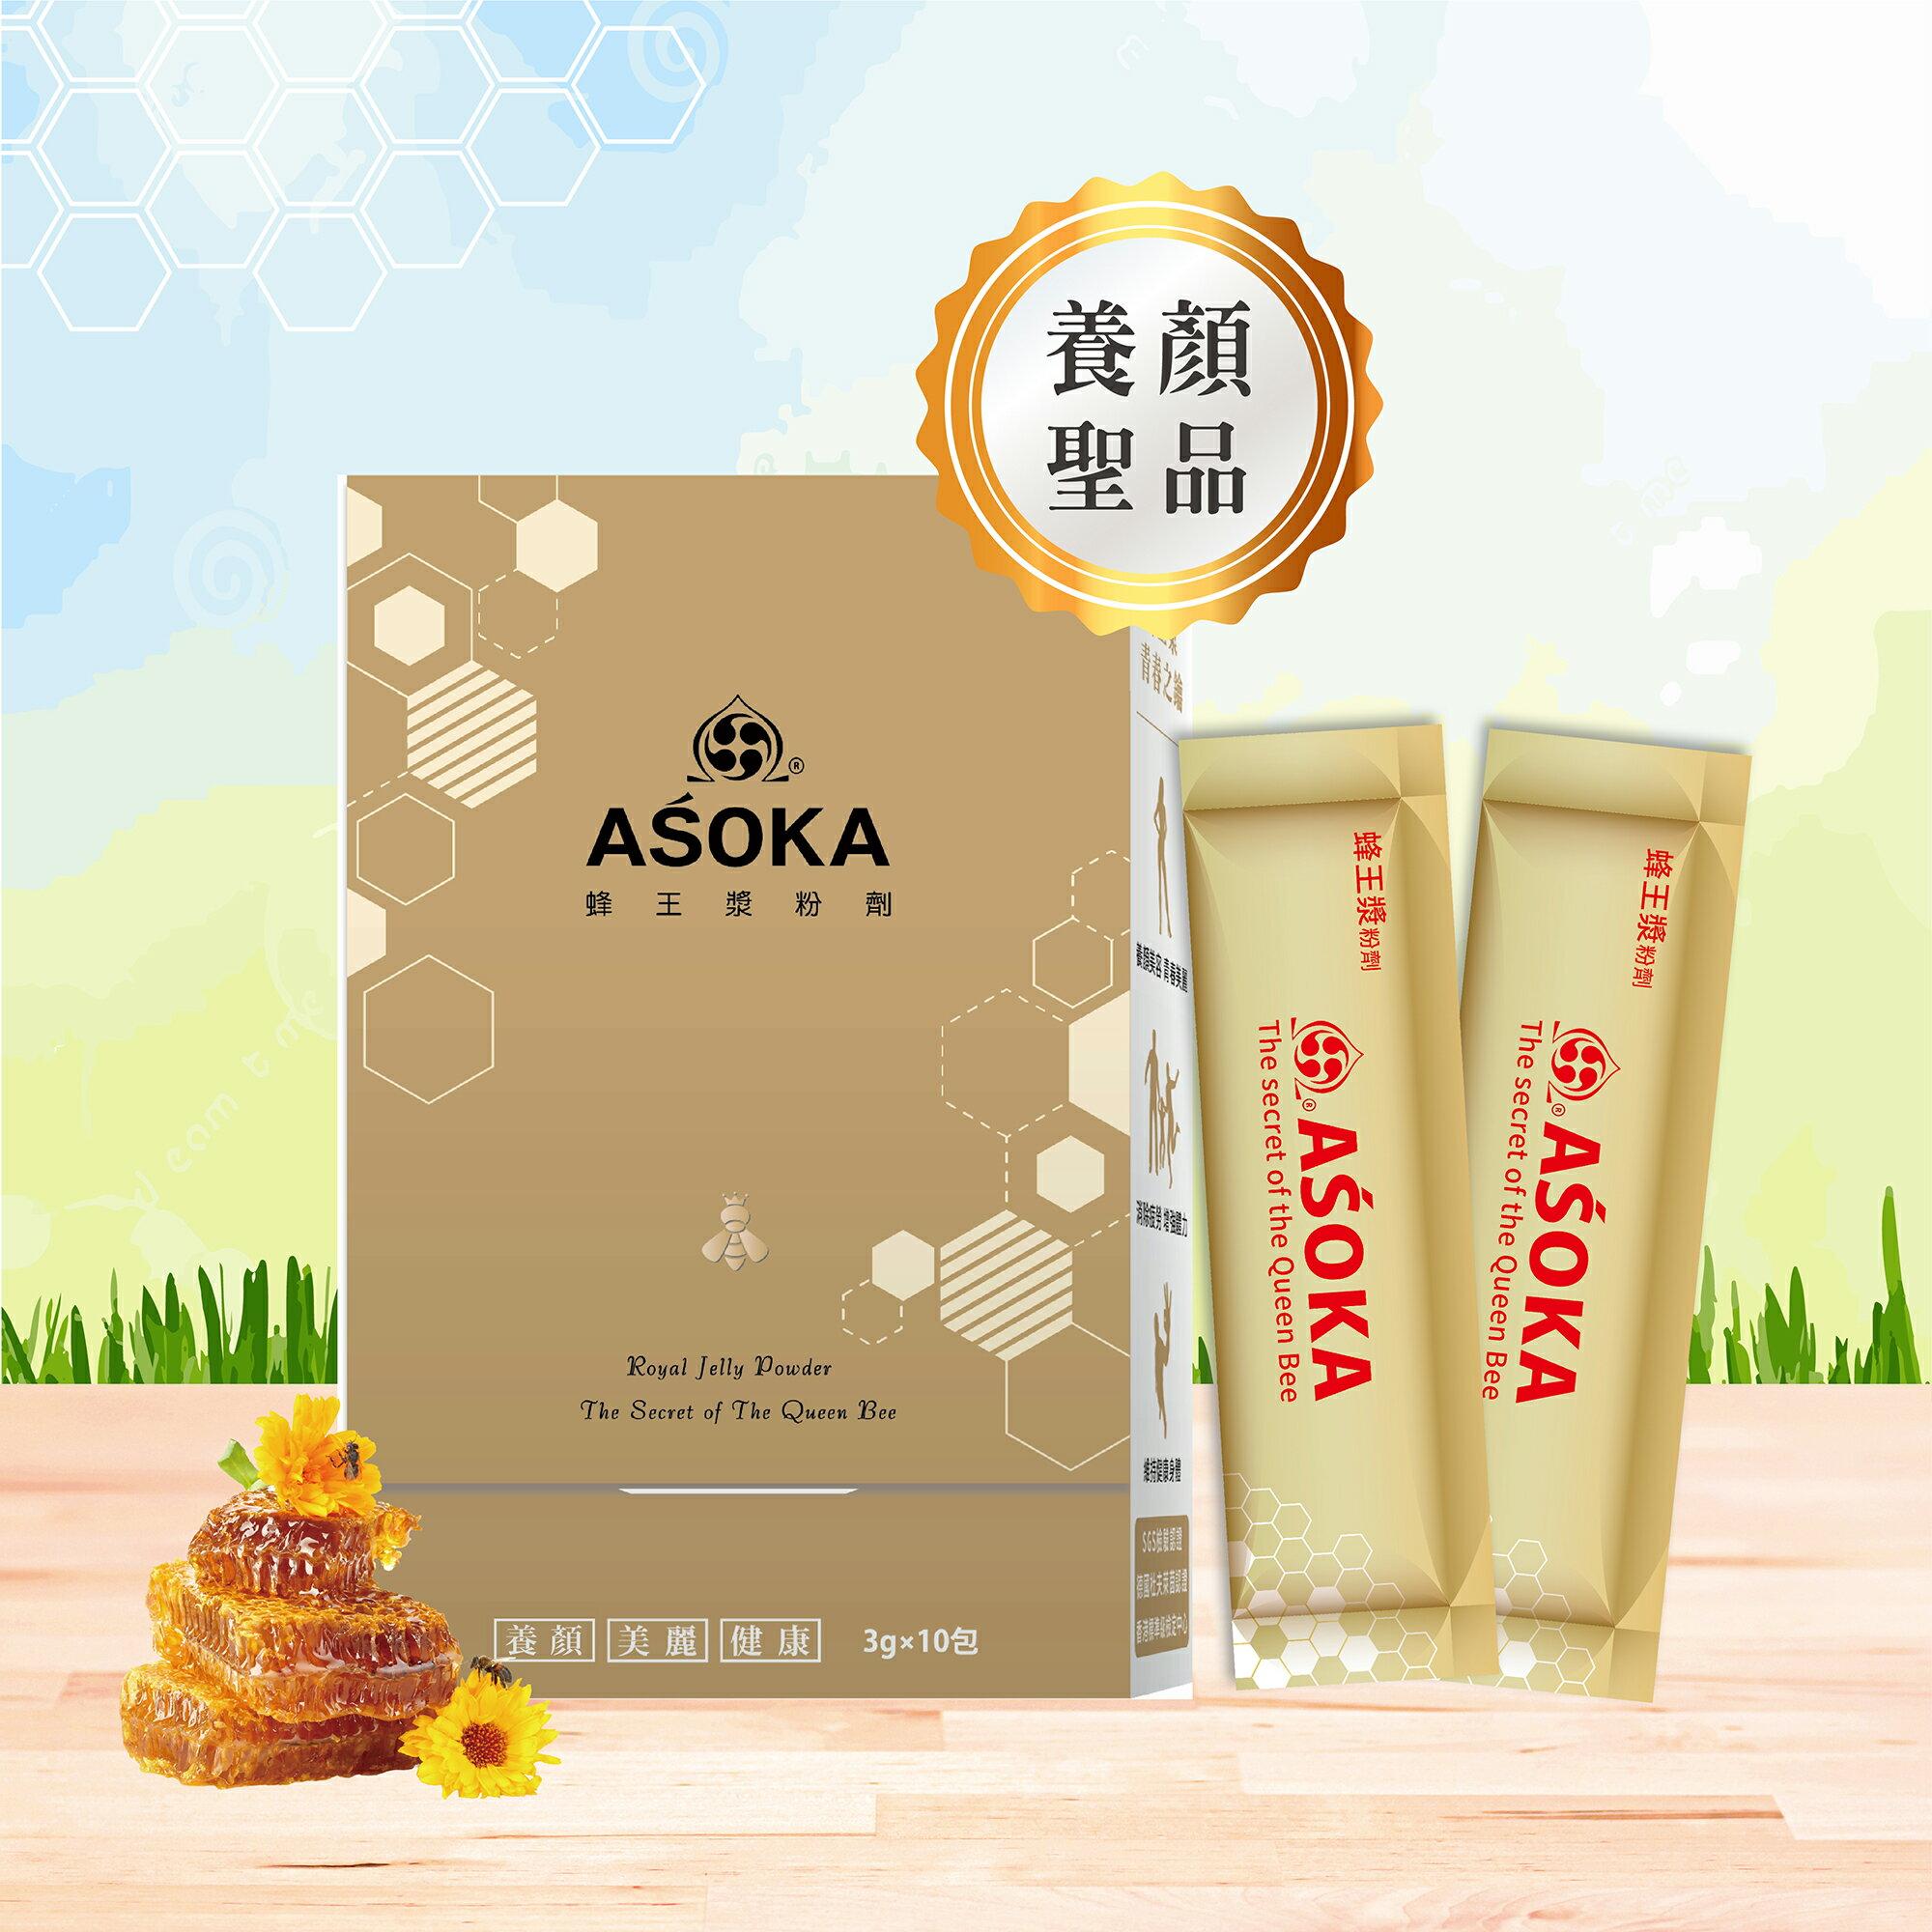 【熱賣一級棒】蜂王漿粉劑(10入) 台灣蜂王乳推薦 產後病後補養 幫助入睡 養顏美容 青春美麗 素食 奶素 最佳禮品 ASOKA 阿梭哿